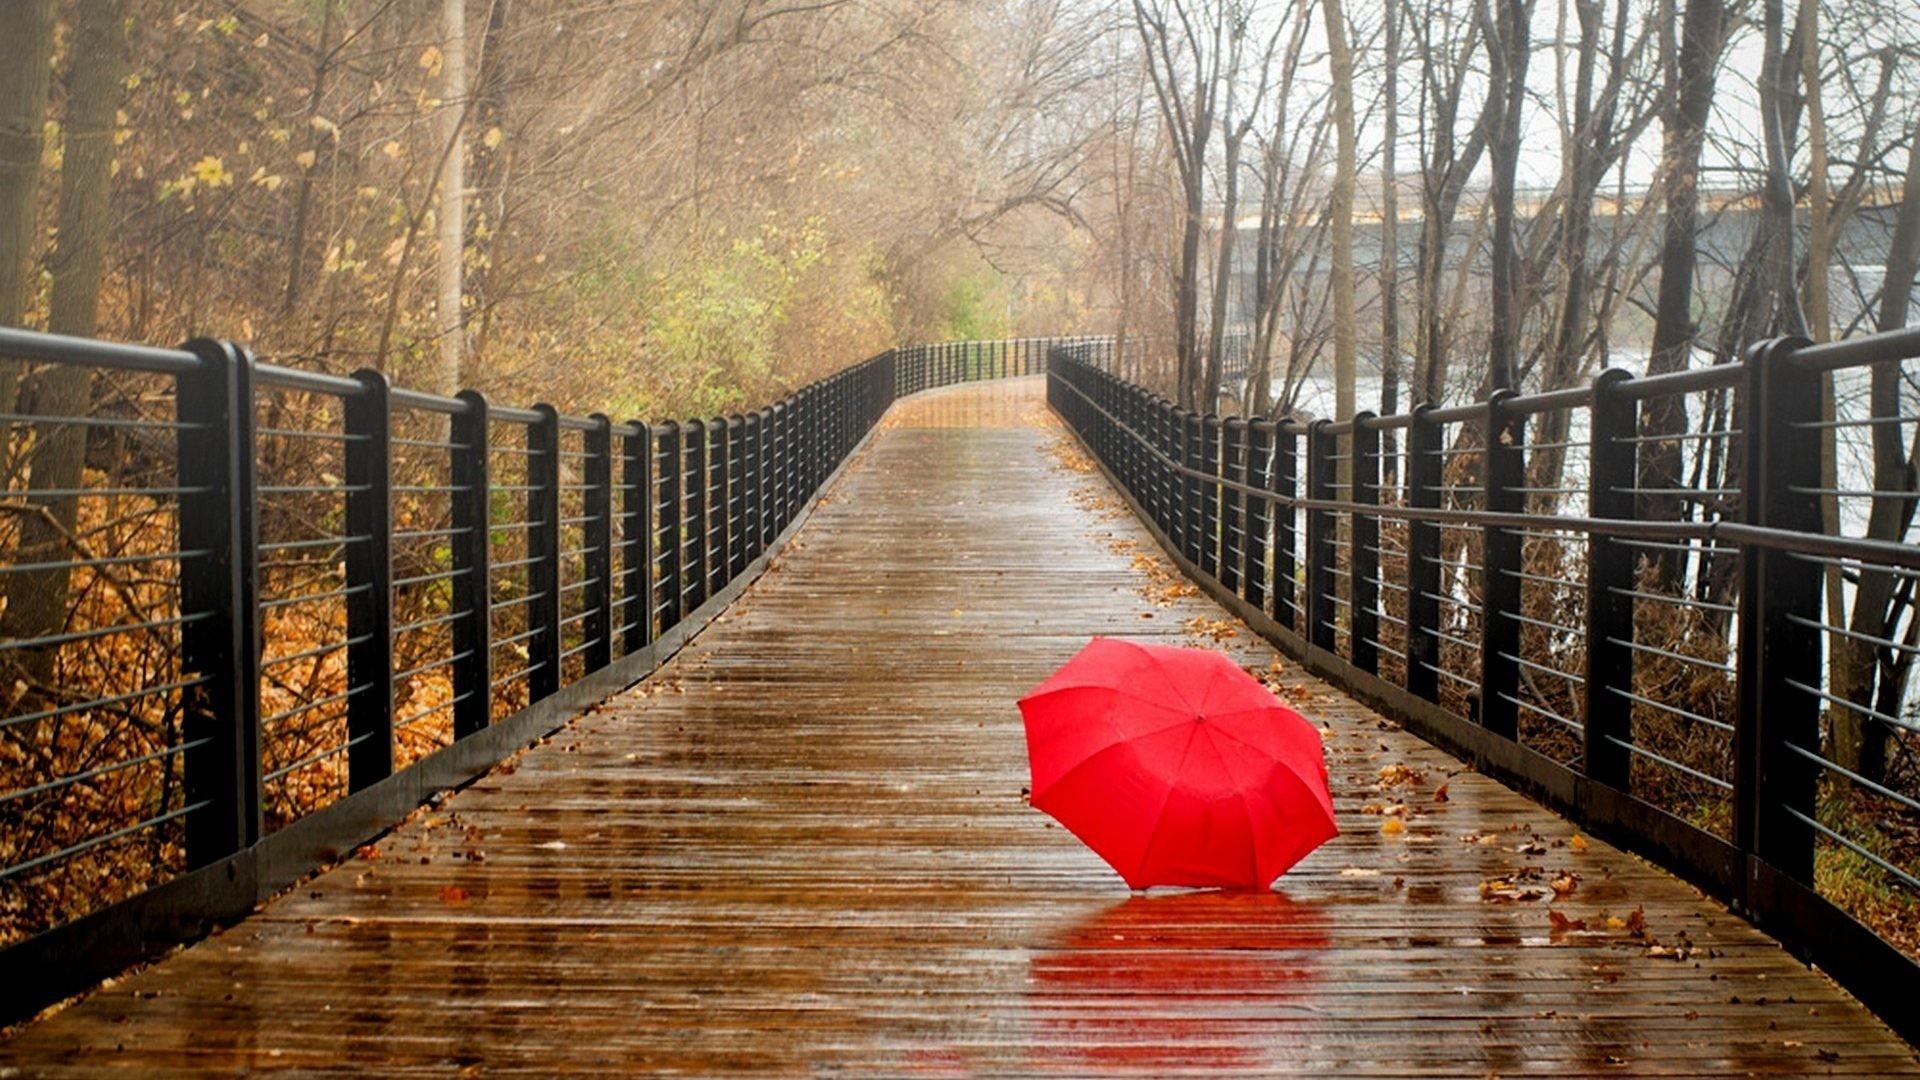 Rainy Day Background (51+ images)